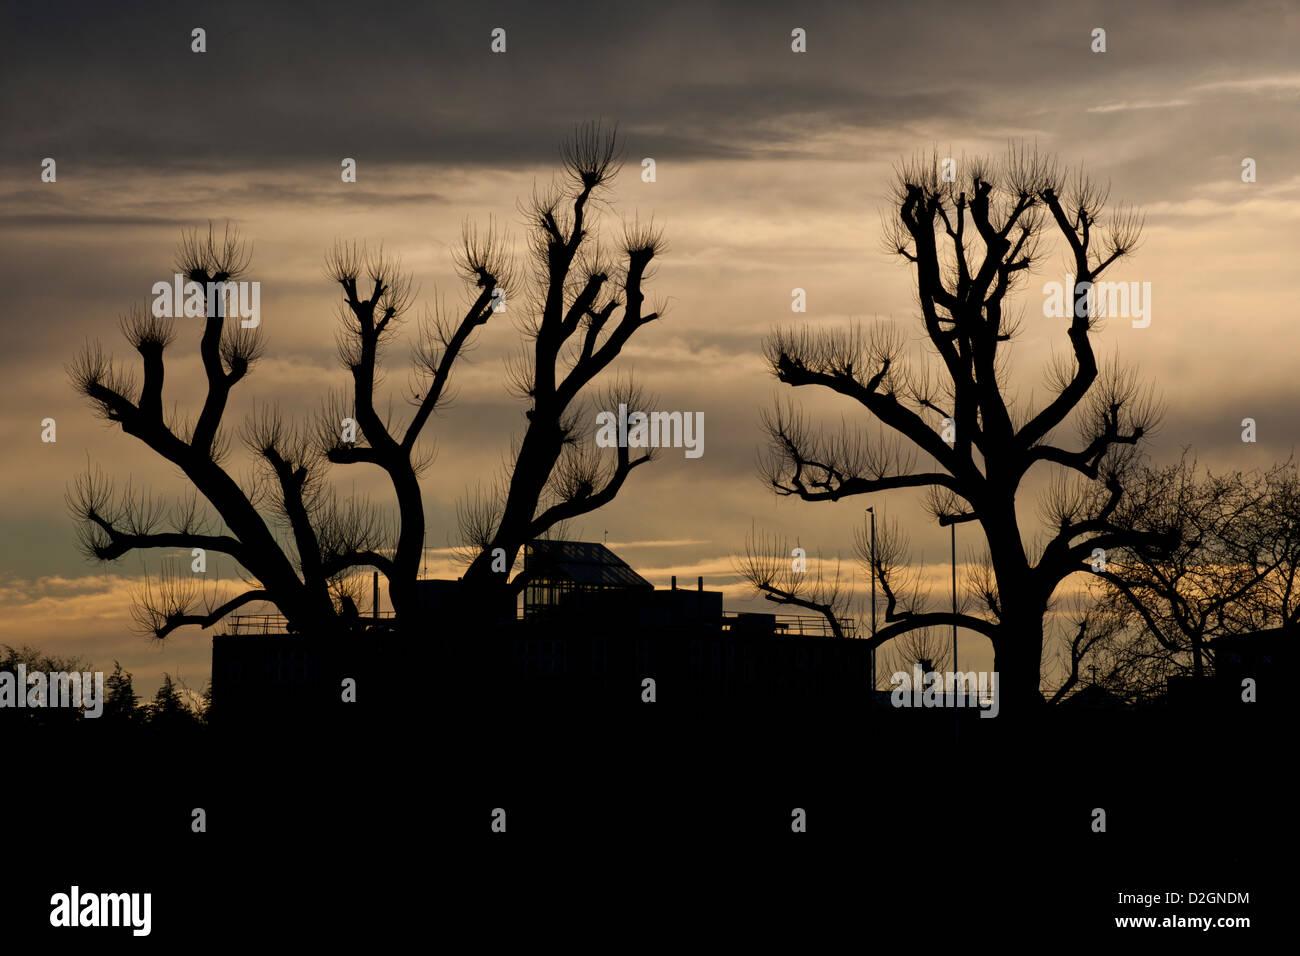 pollard trees in urban setting - Stock Image